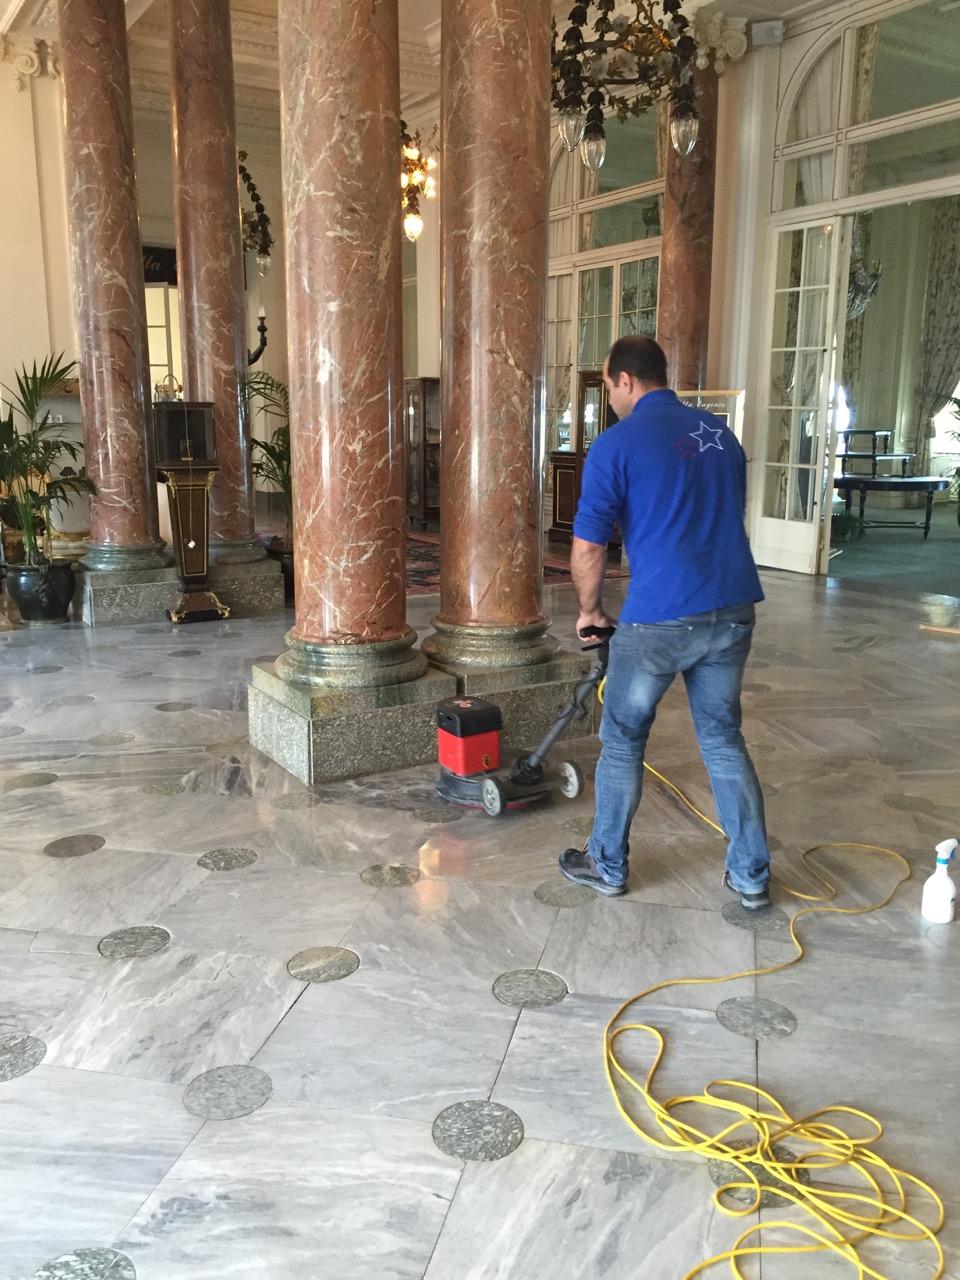 Nettoyage Sol nettoyage de marbres - Nettoyage industriel Wonder Cleaner-1